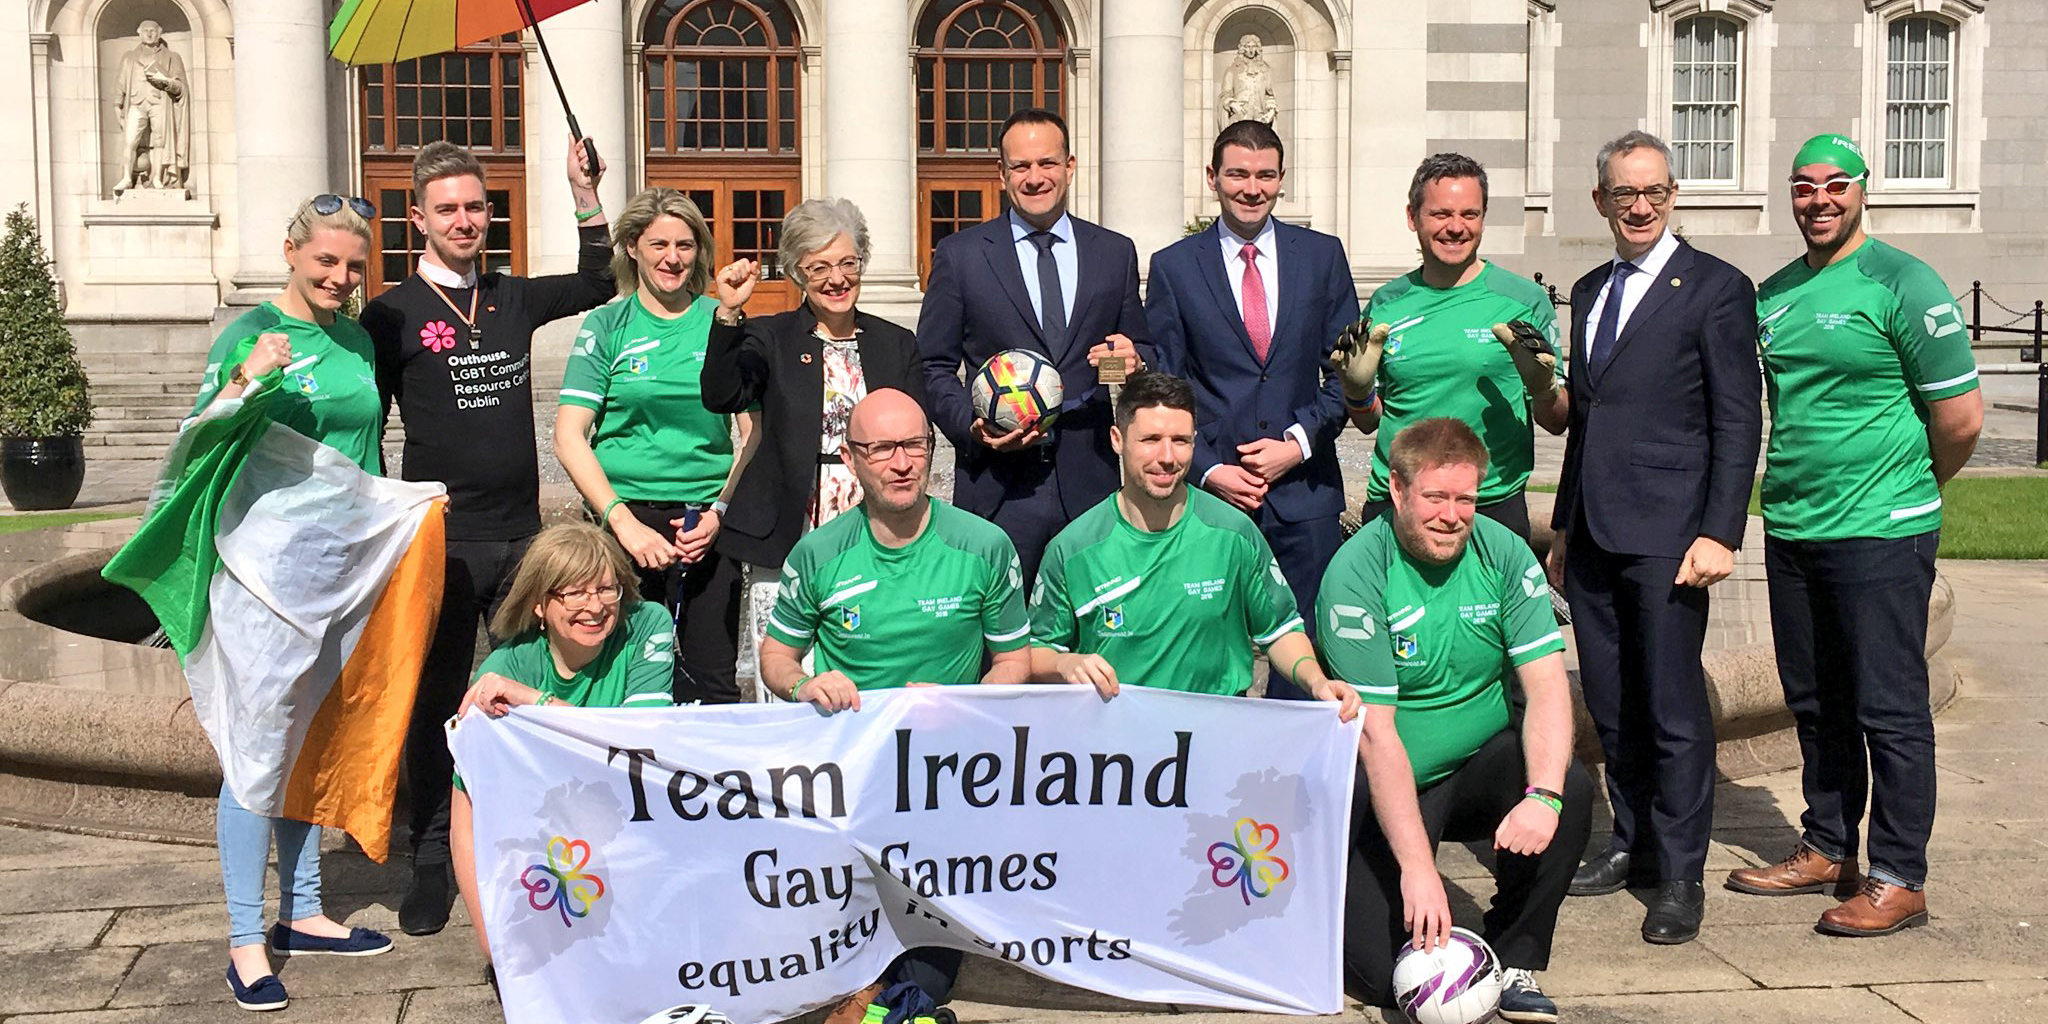 Gay Games: Le premier ministre irlandais pose avec la TeamIreland